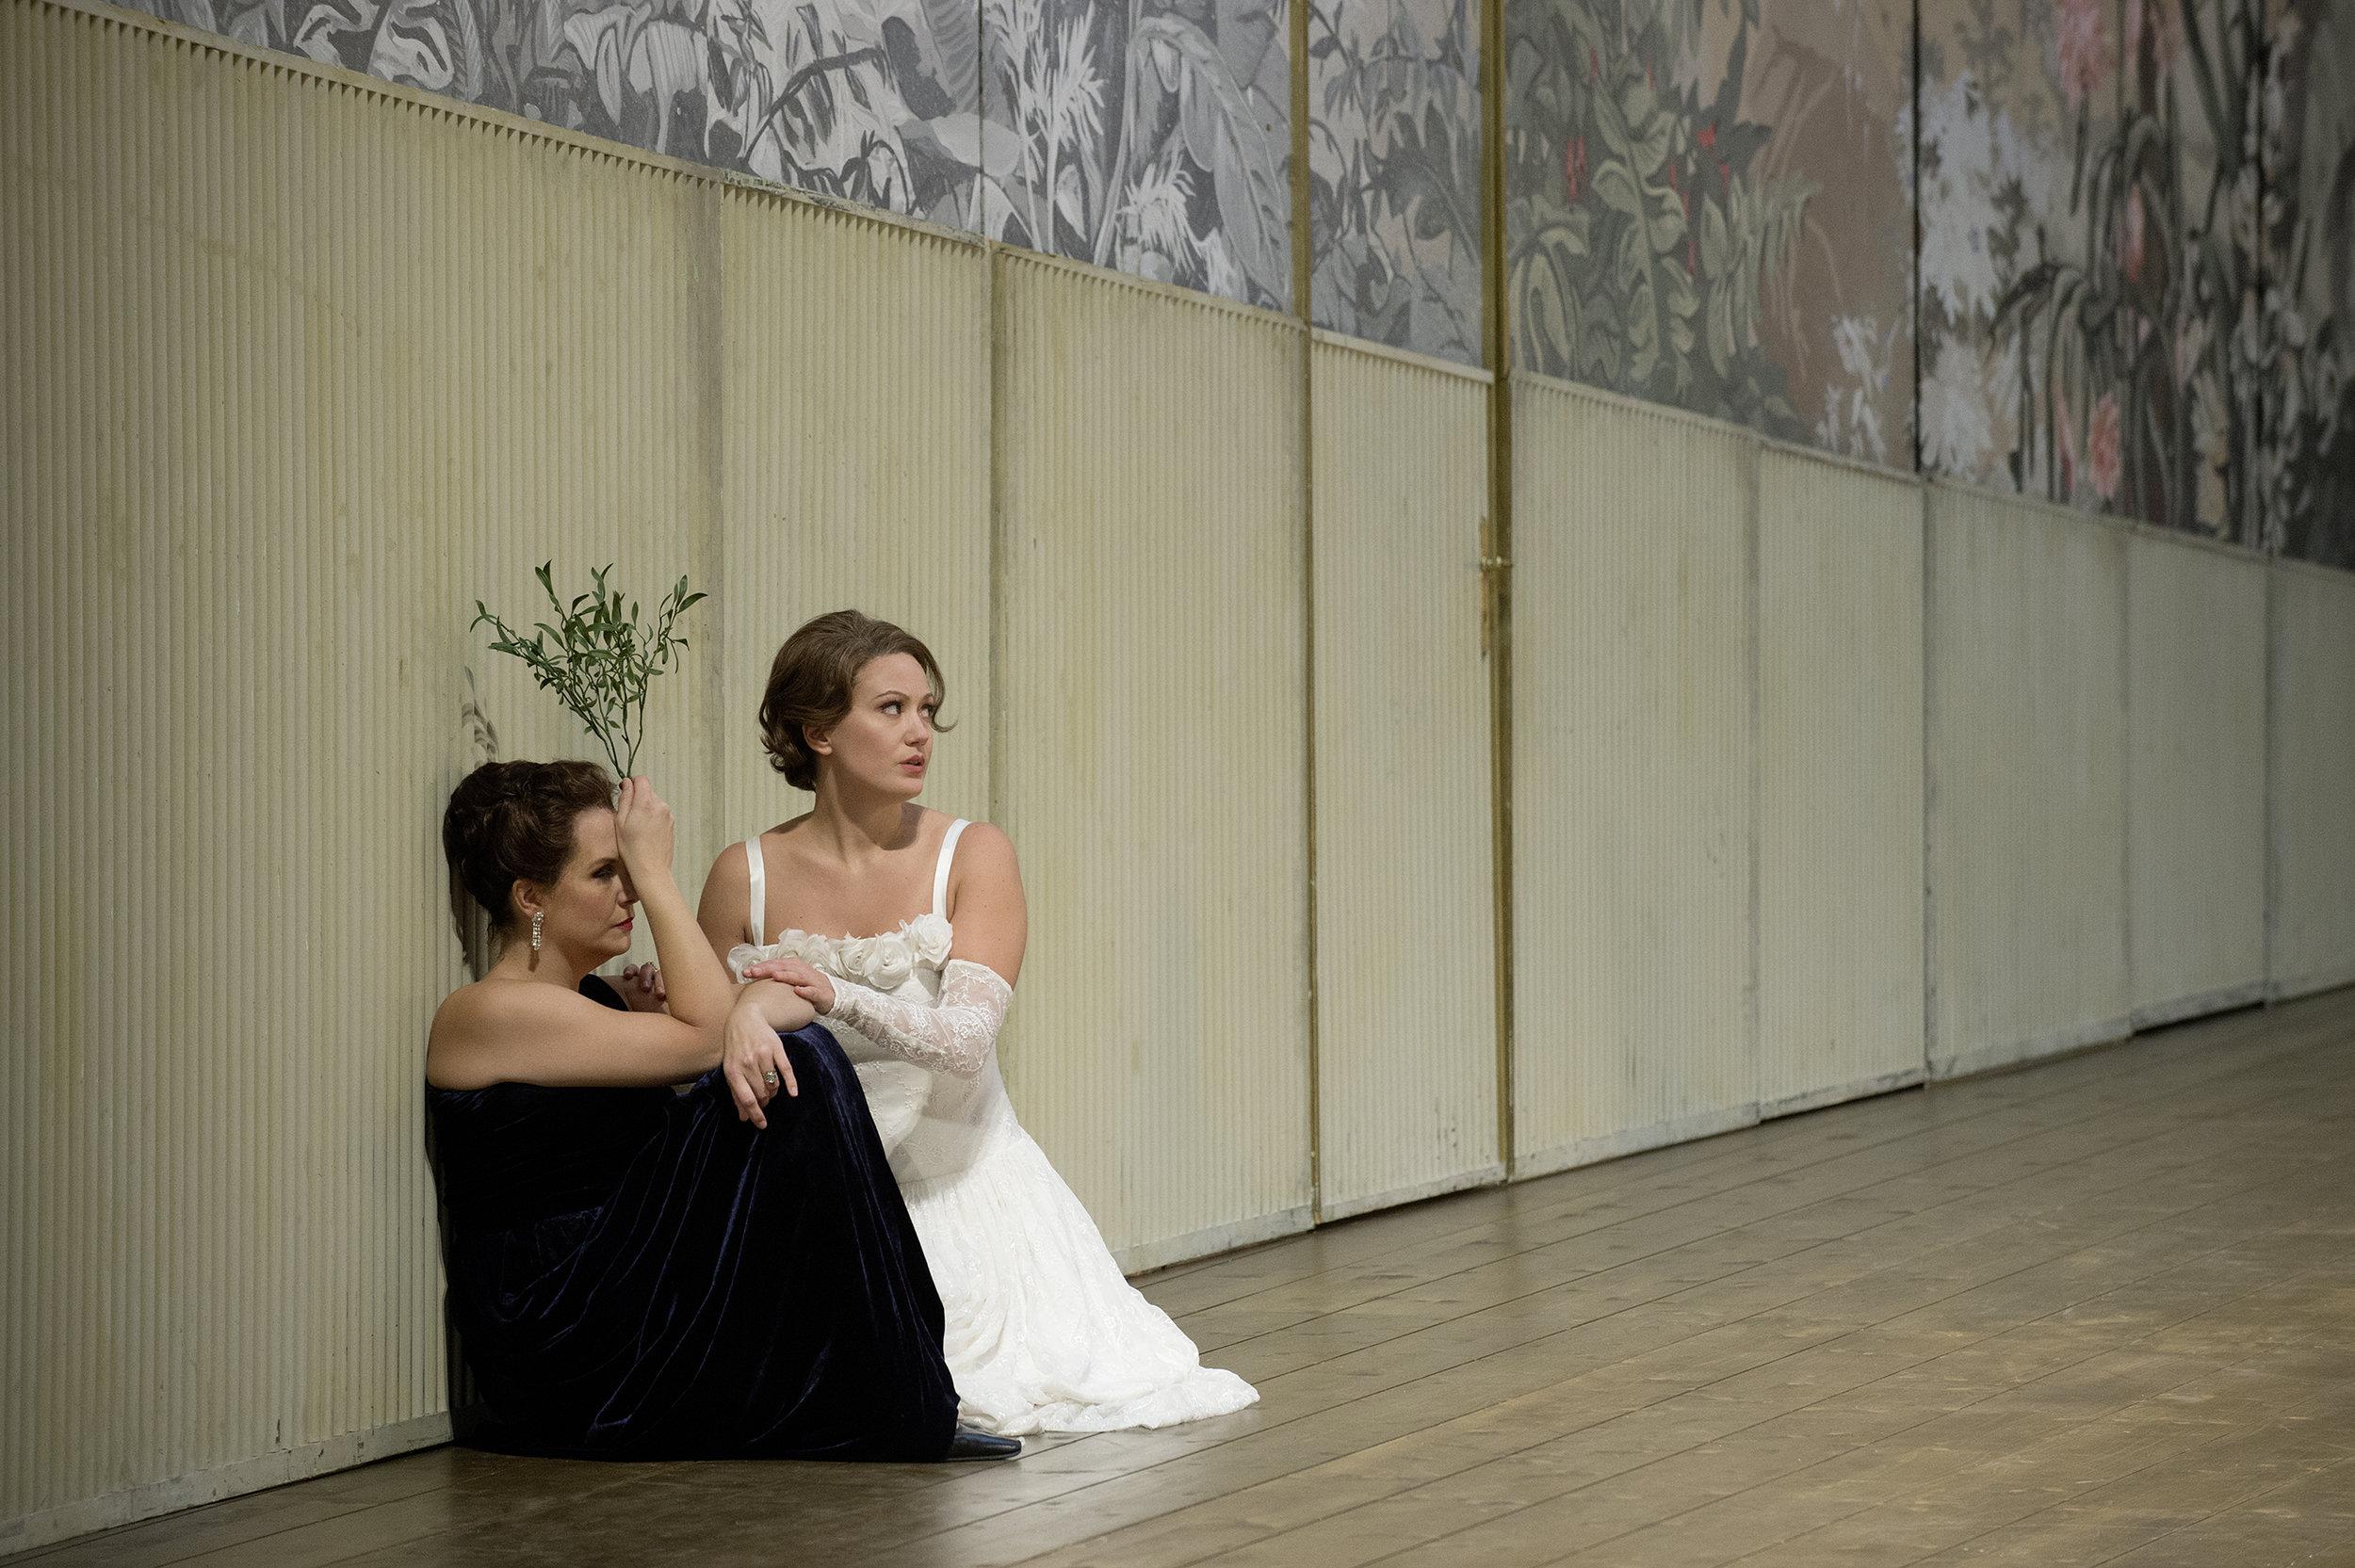 le-nozze-di-figaro_038_copyrigh_judith-schlosser.jpg